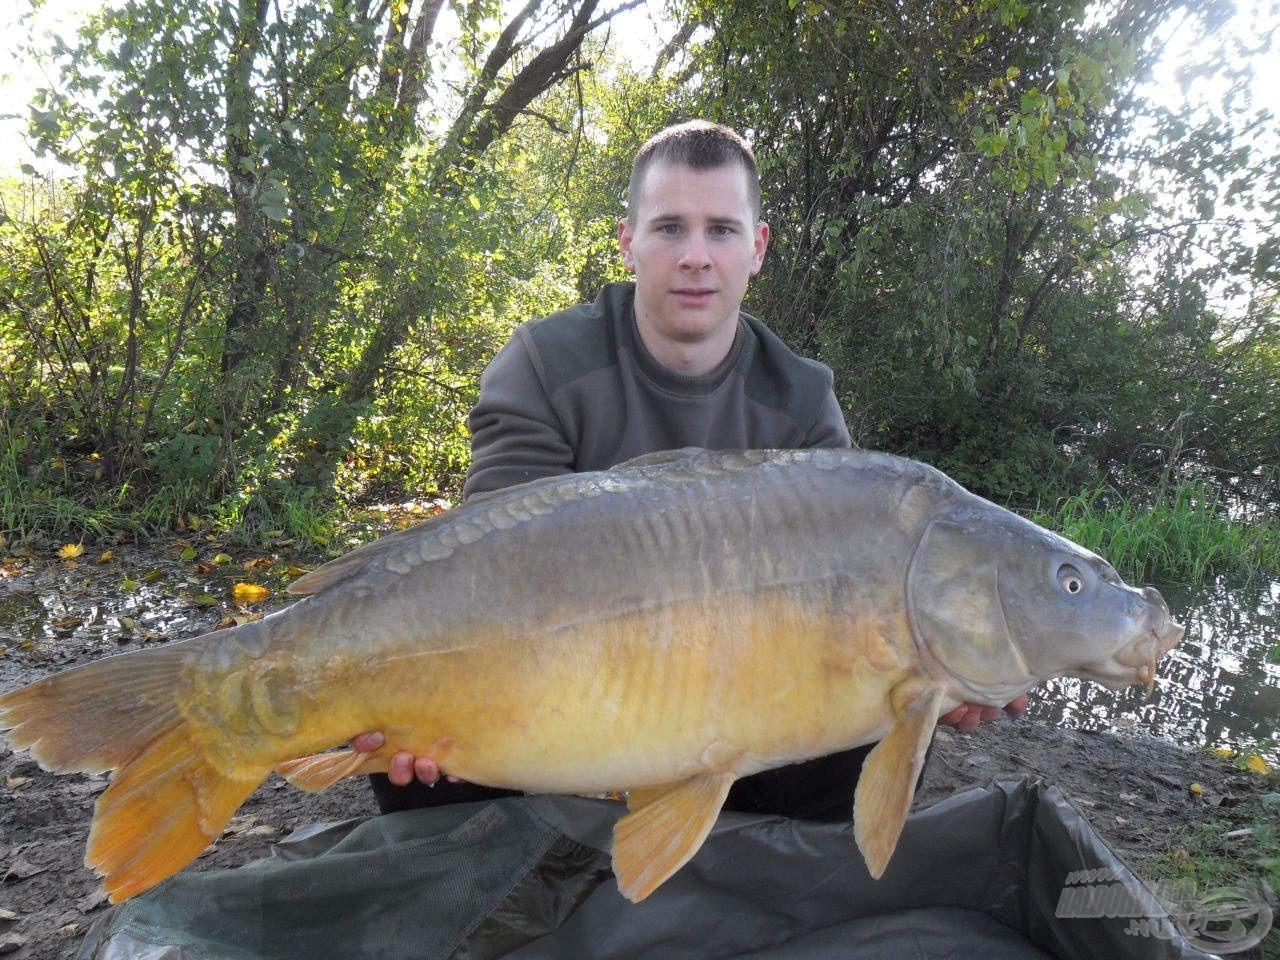 Hihetetlen, de az első halam egyből egy 19,64 kg-os tükrös volt